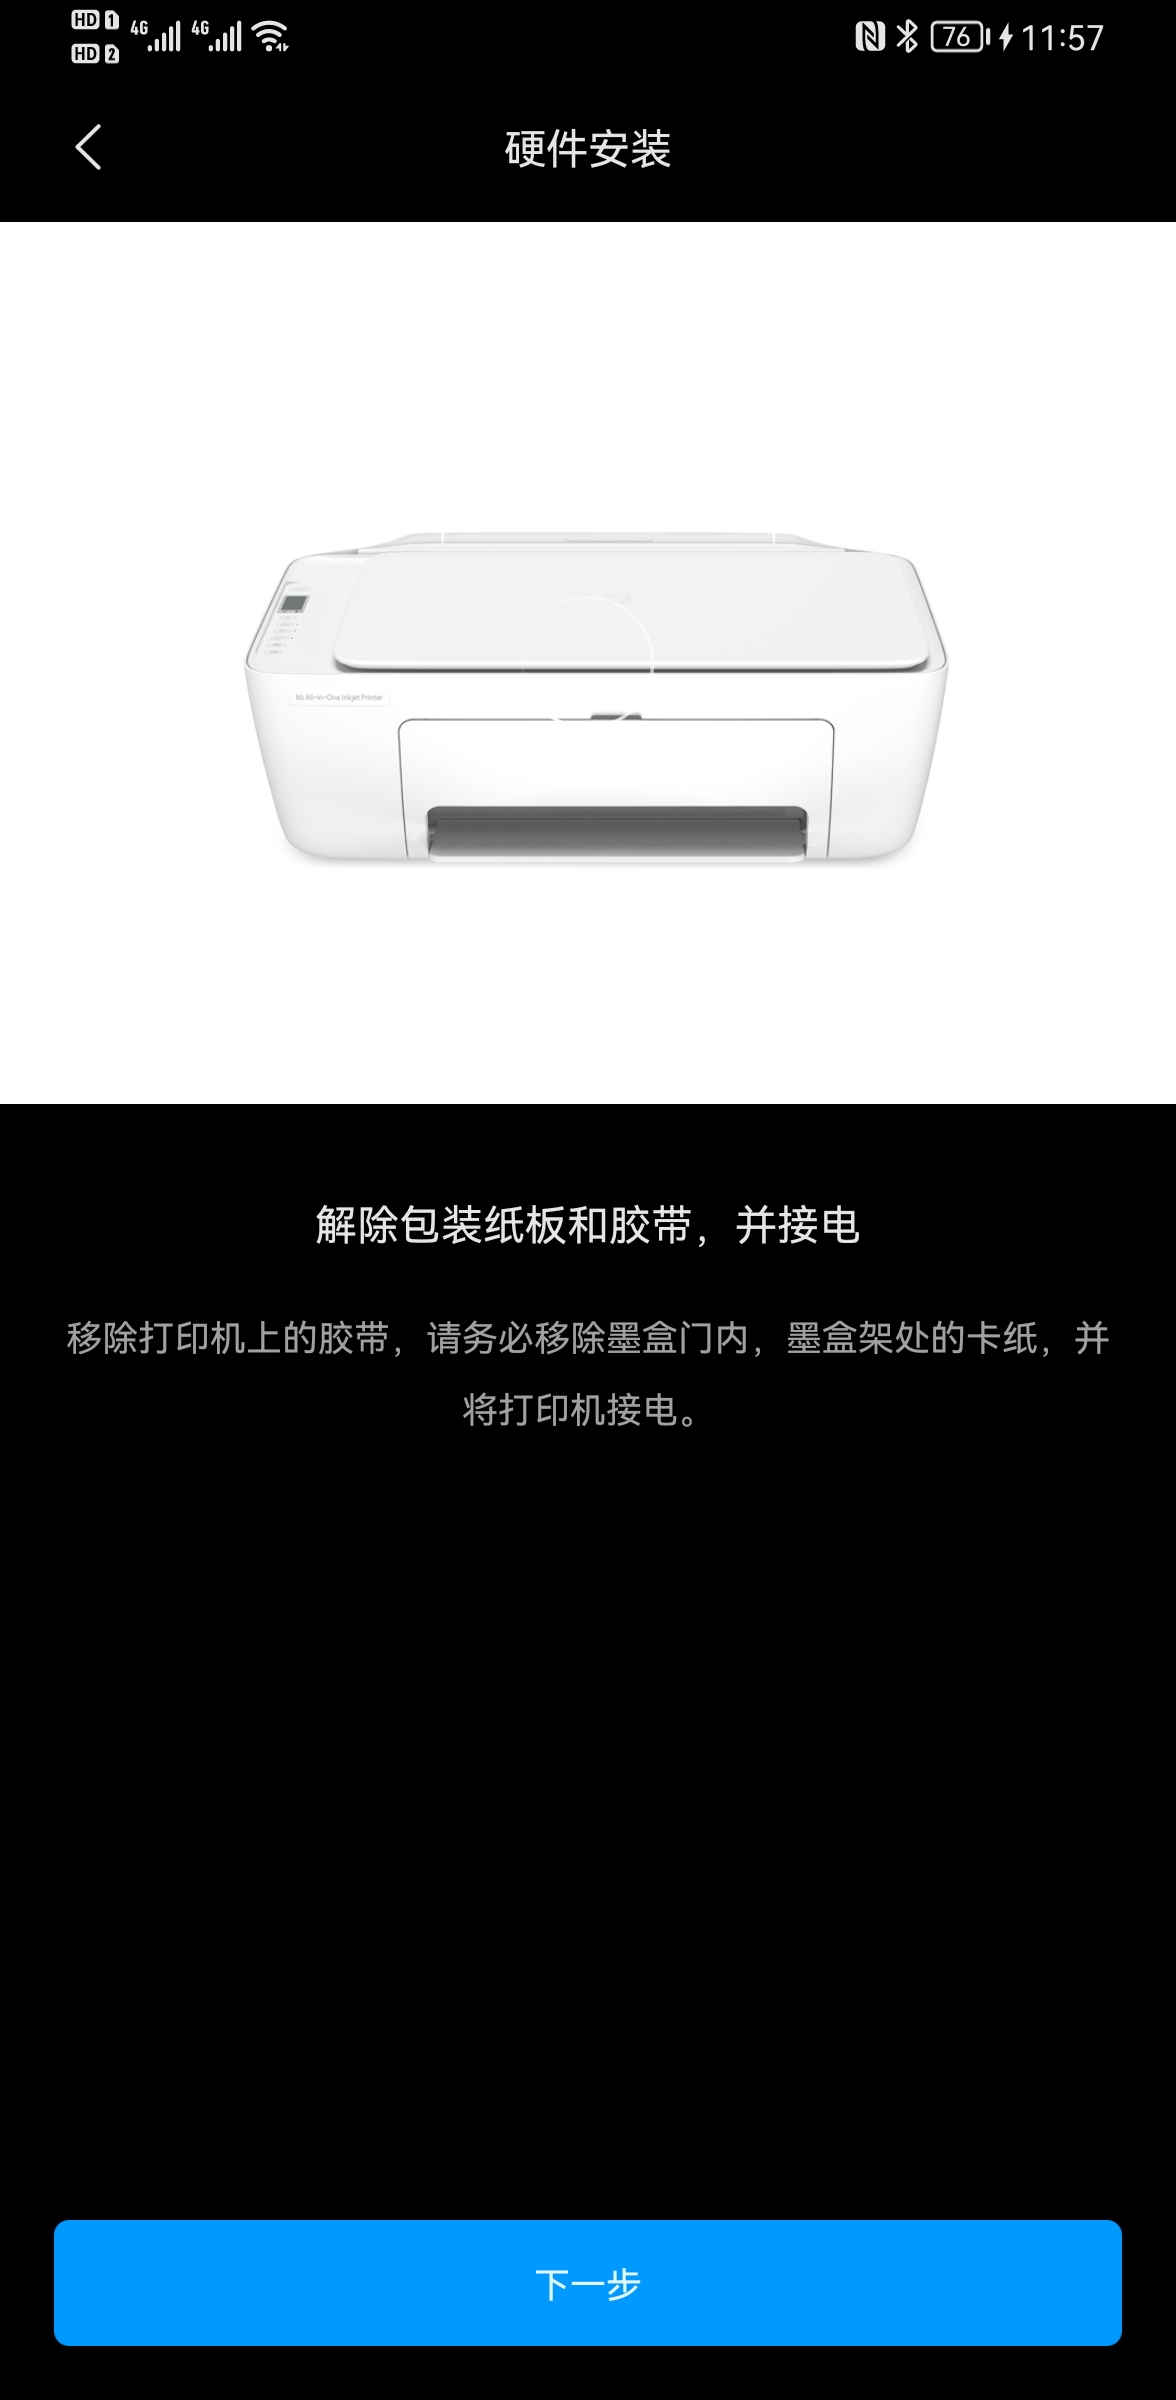 米家喷墨打印助手app截图1